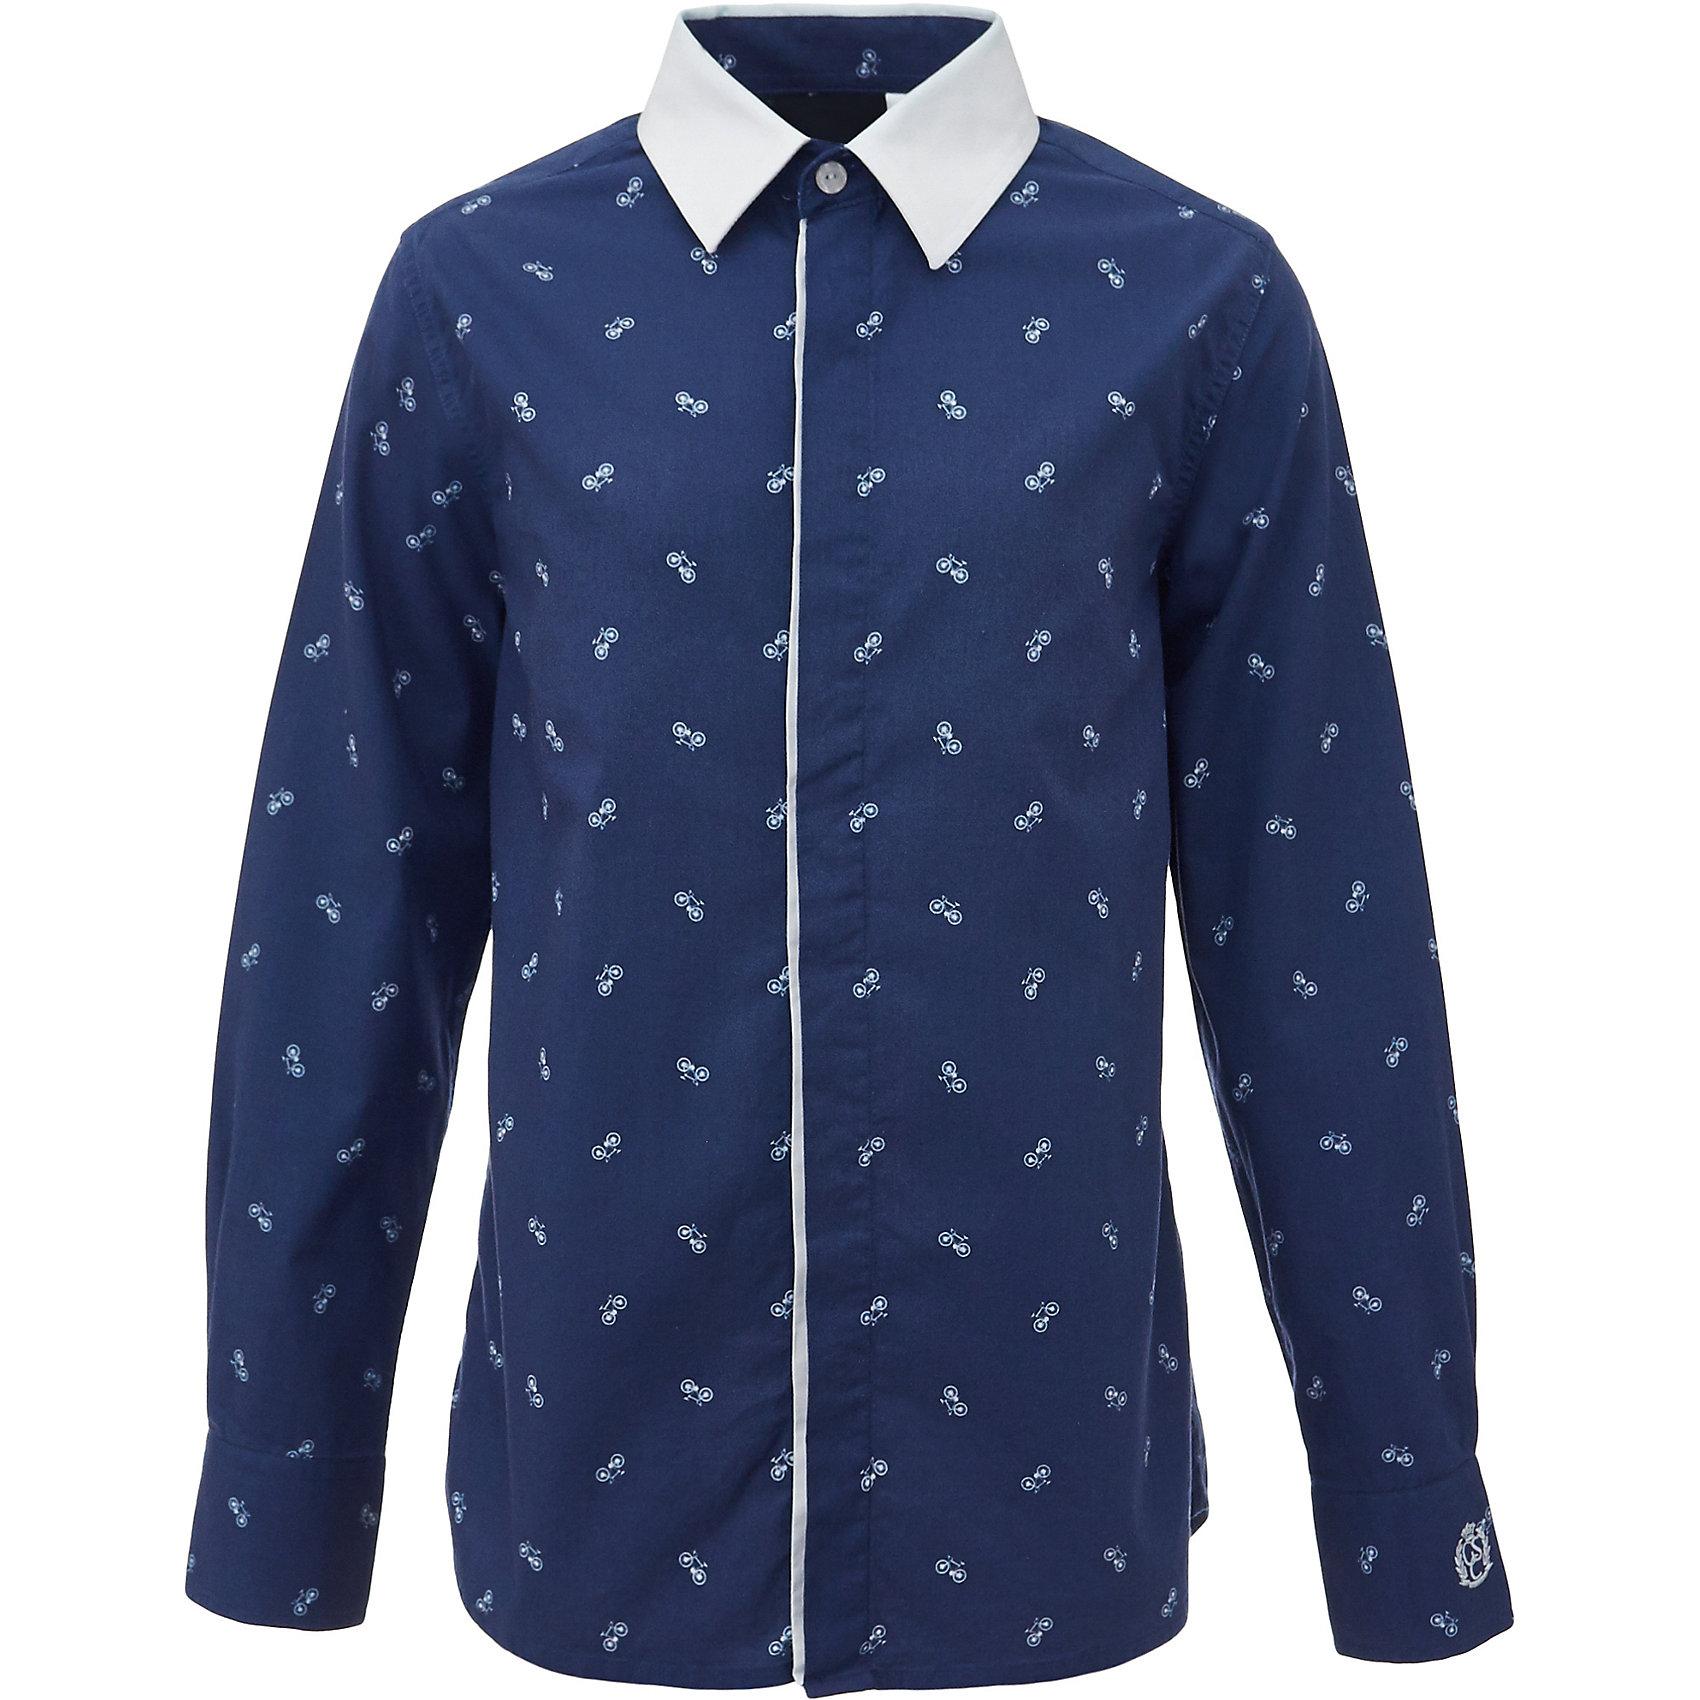 Рубашка для мальчика GulliverБлузки и рубашки<br>При всем богатстве выбора, купить рубашку для мальчика высокого качества не очень просто. Школьная рубашка должна отлично выглядеть, хорошо сидеть, соответствовать актуальной форме, быть всегда свежей, выглаженной и опрятной. Именно поэтому состав, плотность и текстура материала имеют большое значение! Синяя рубашка с мелким рисунком - тренд сезона! Она не нарушает школьный дресс код, но делает повседневный look ярче и интереснее, создавая позитивное настроение. Контрастная отделка суппатной планки, белый воротник и деликатная фирменная вышивка на манжете придают модели выразительность и индивидуальность.<br>Состав:<br>100% хлопок<br><br>Ширина мм: 174<br>Глубина мм: 10<br>Высота мм: 169<br>Вес г: 157<br>Цвет: синий<br>Возраст от месяцев: 168<br>Возраст до месяцев: 180<br>Пол: Мужской<br>Возраст: Детский<br>Размер: 170,122,128,134,140,146,152,158,164<br>SKU: 6678346